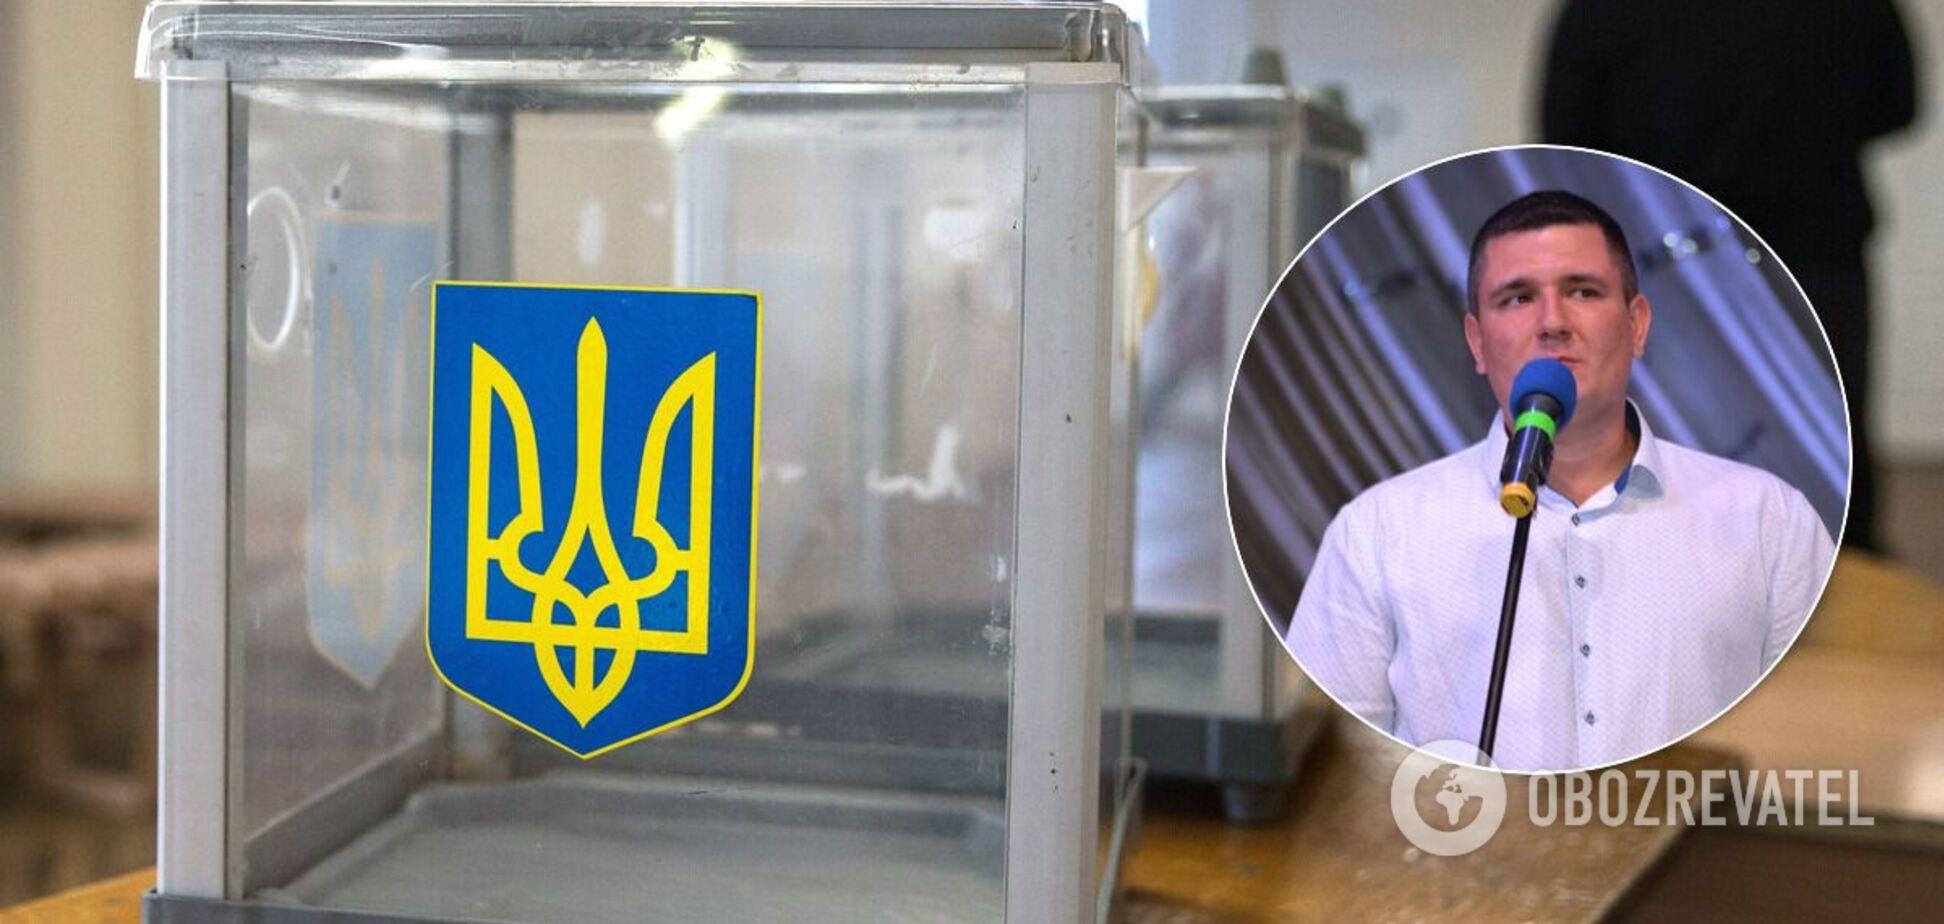 Кандидат у депутати на Миколаївщинізаявивпро тиск від ОДА та звернувся до Зеленського